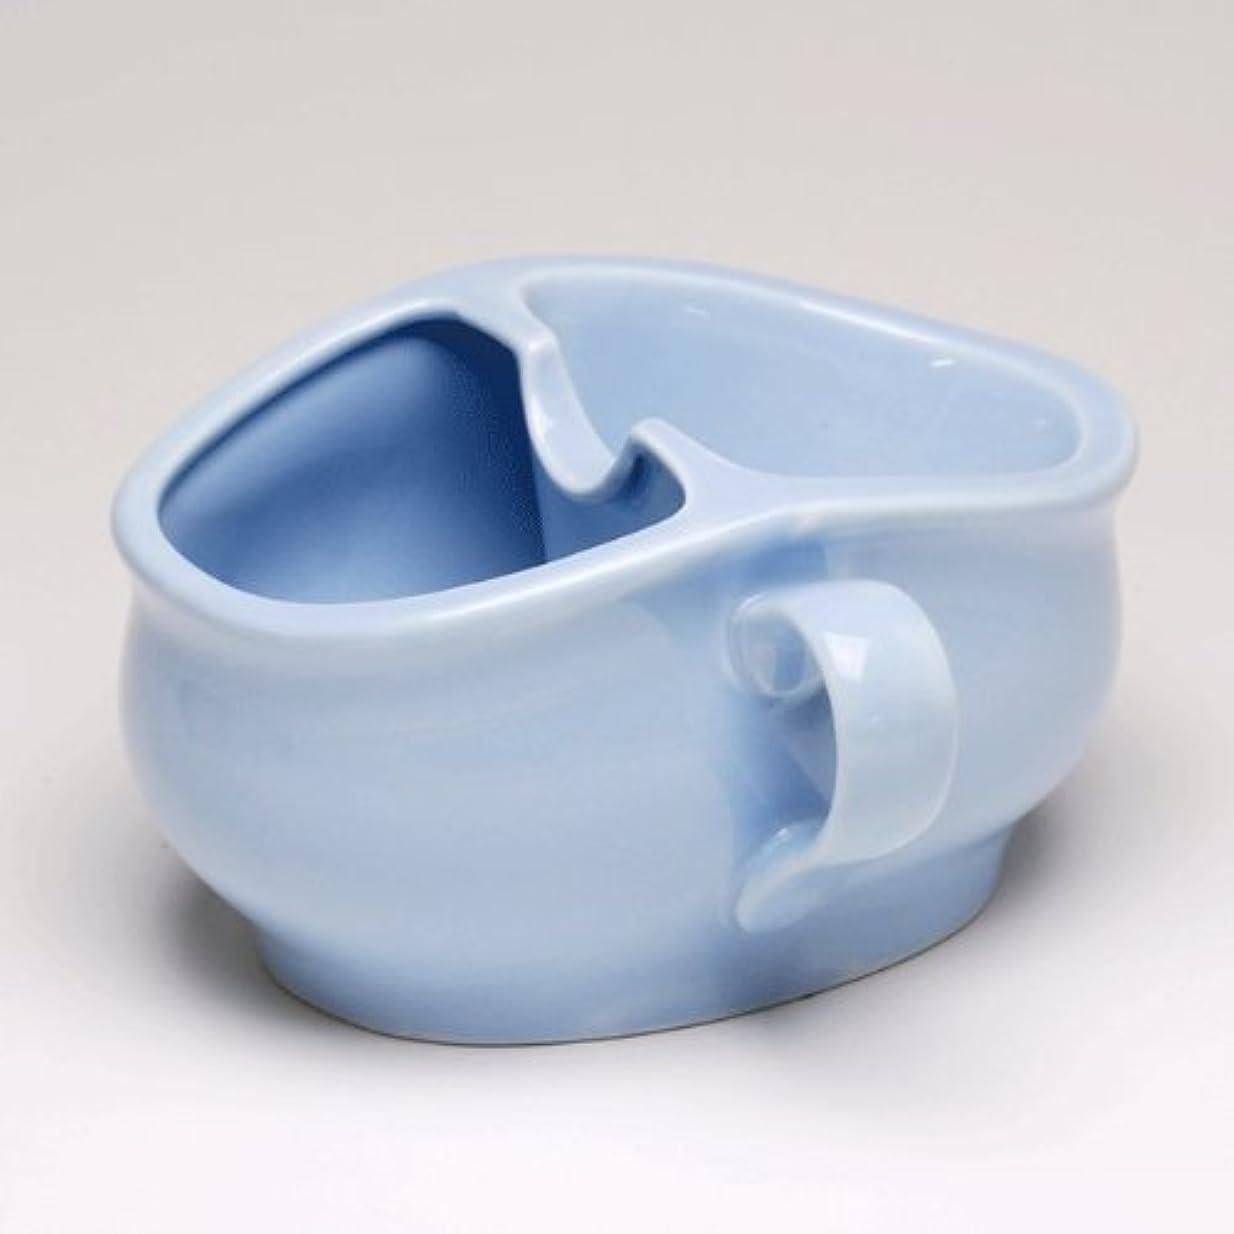 まぶしさティームパスタパーフェクト シェービングカップ ブルー